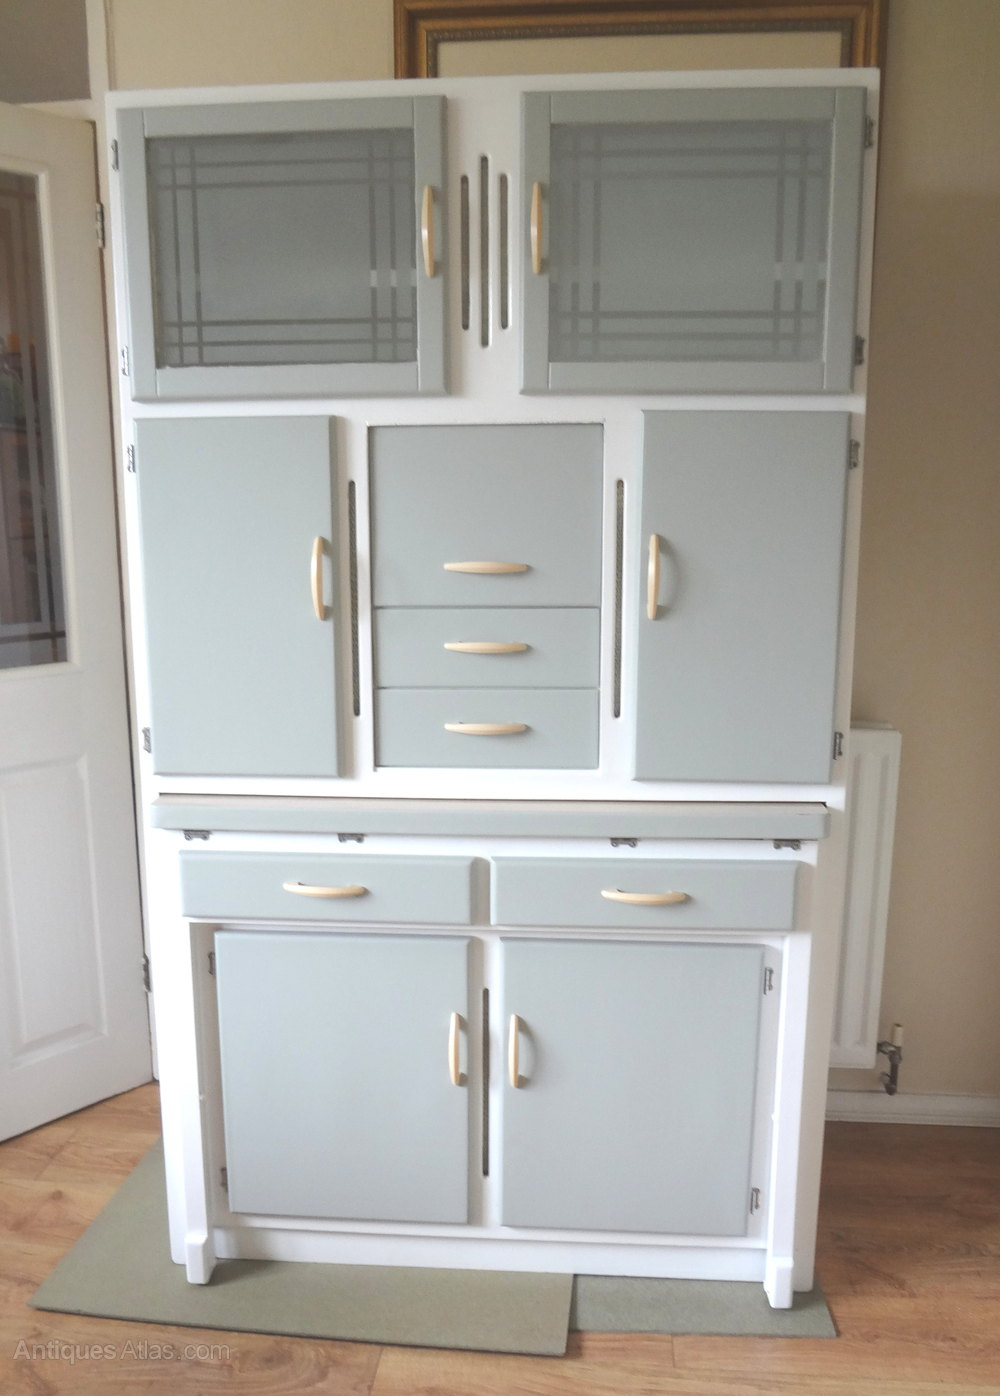 Best Kitchen Gallery: Antiques Atlas Kitchen Larder Cabi 1950s of 1950s Kitchen Cabinets on rachelxblog.com